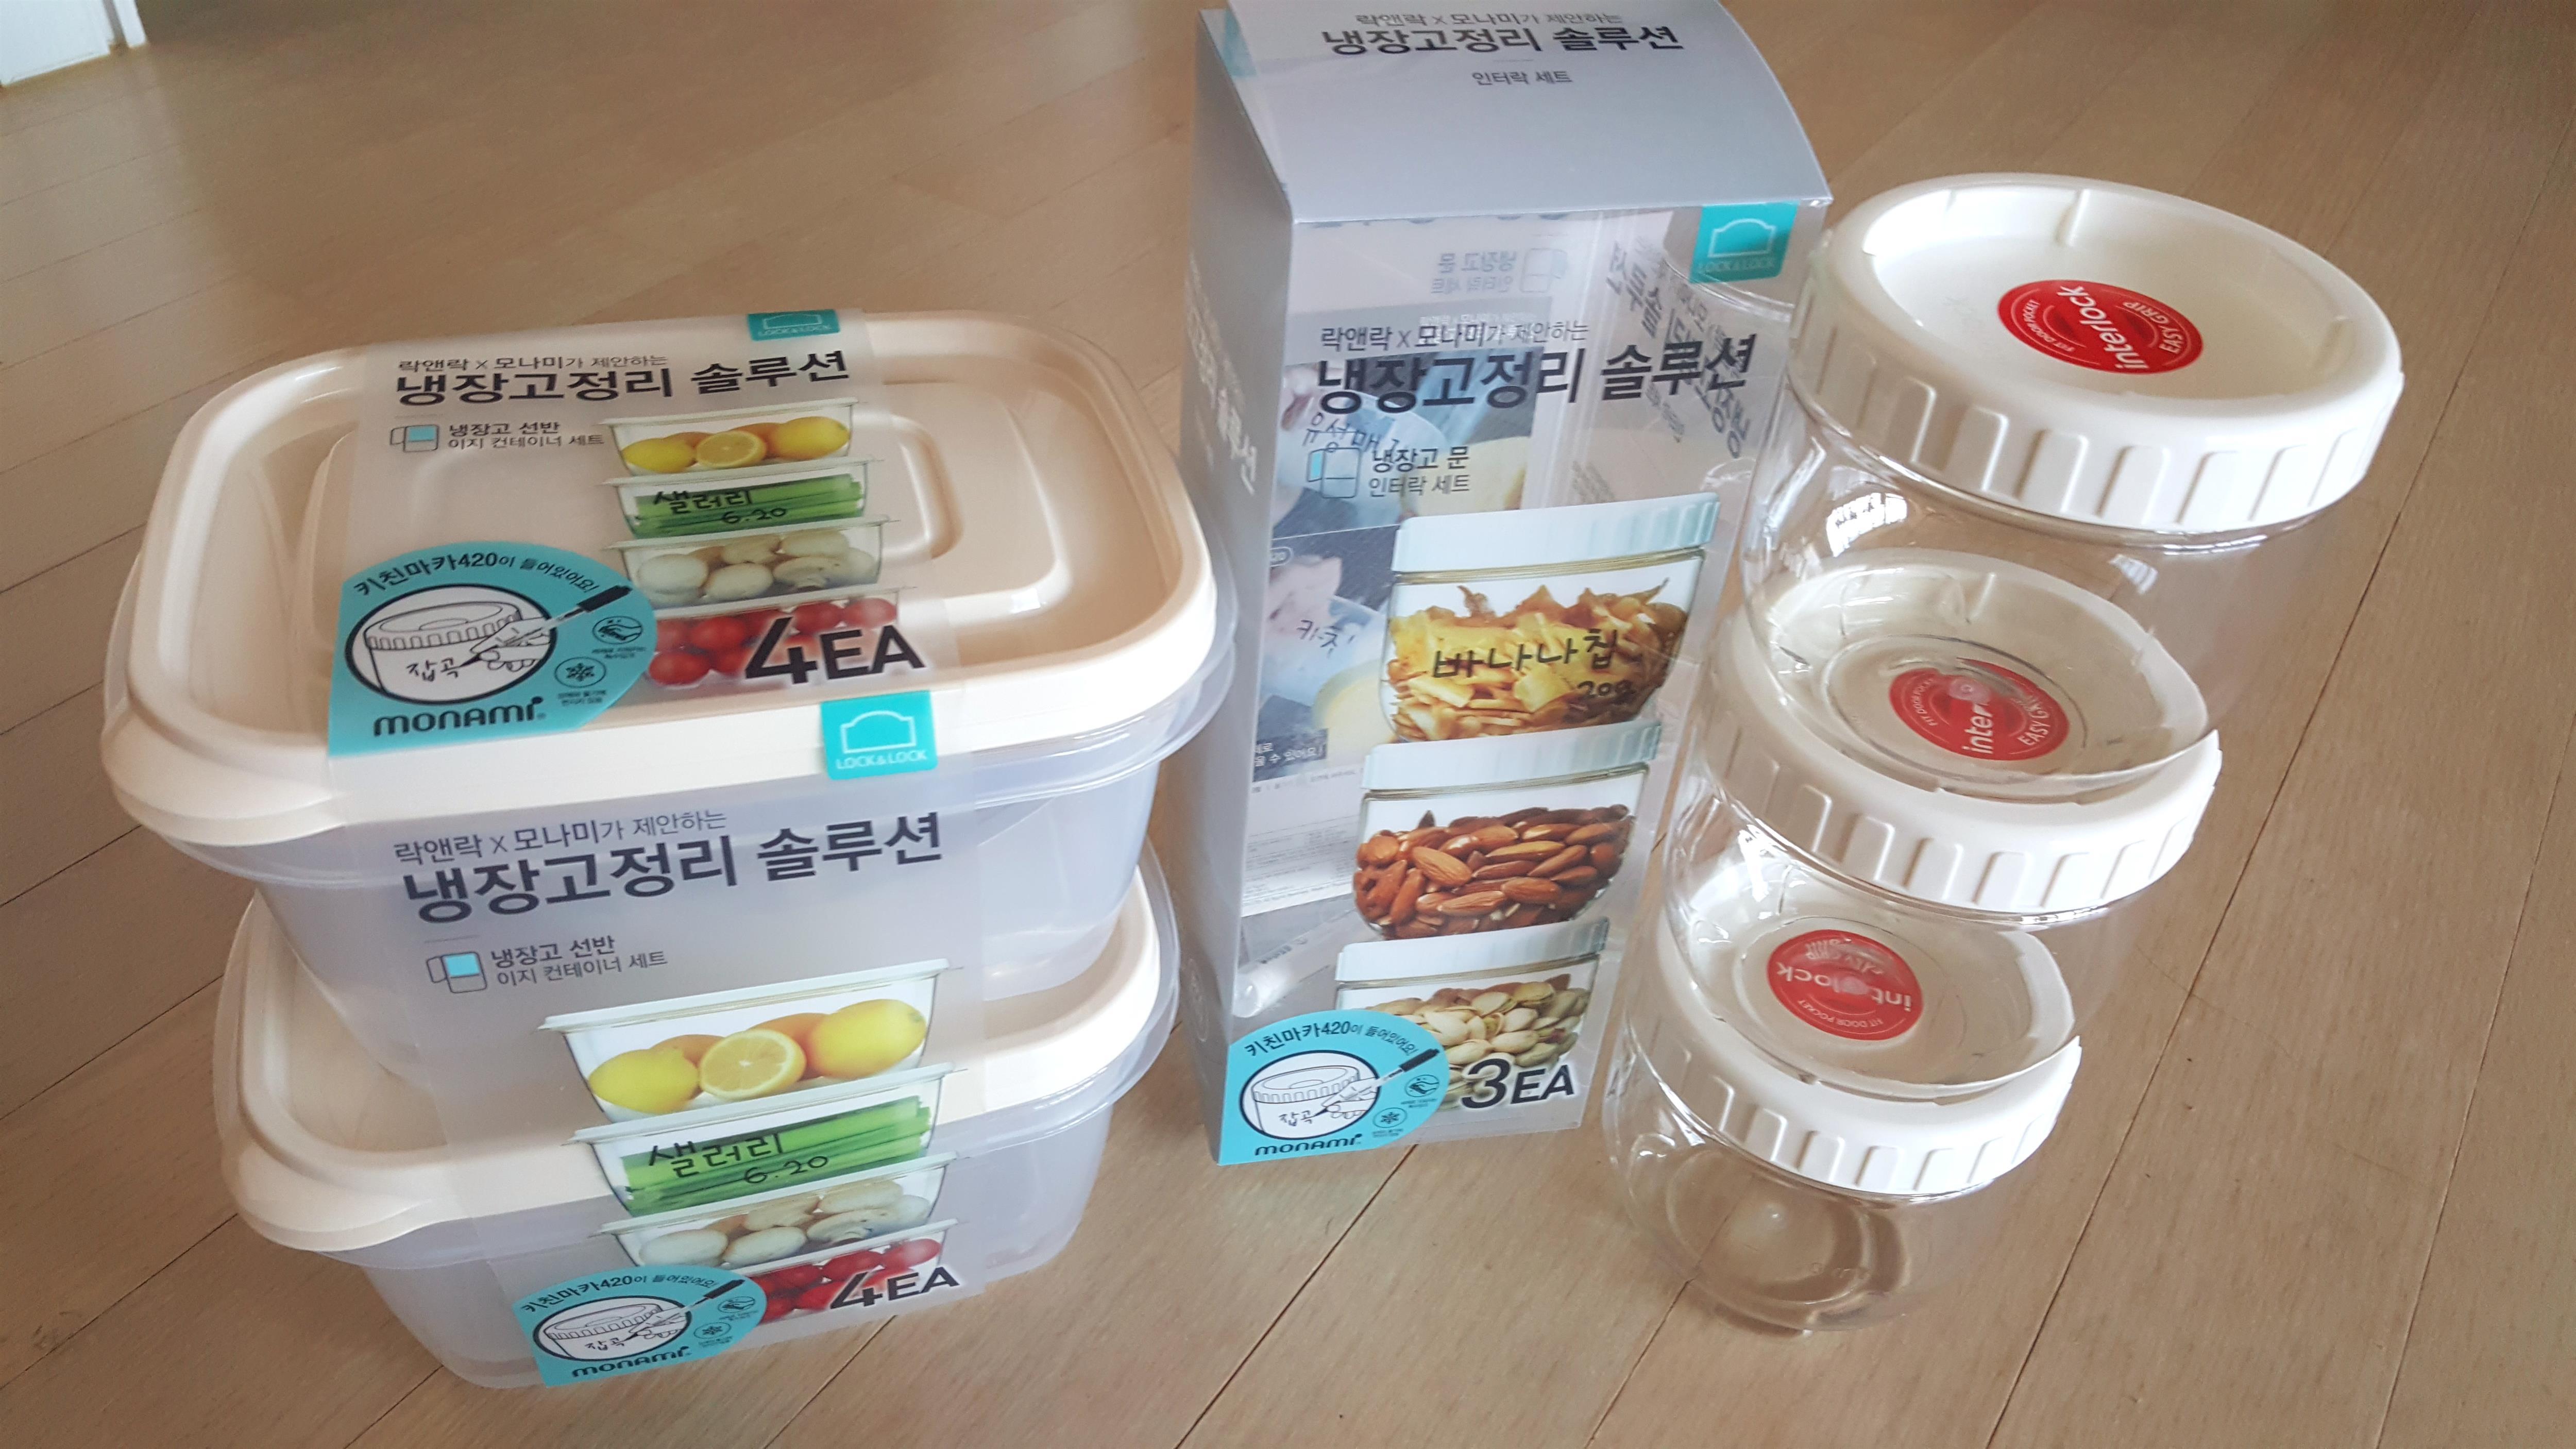 락랜락]냉장고 정리 솔루션 체험후기